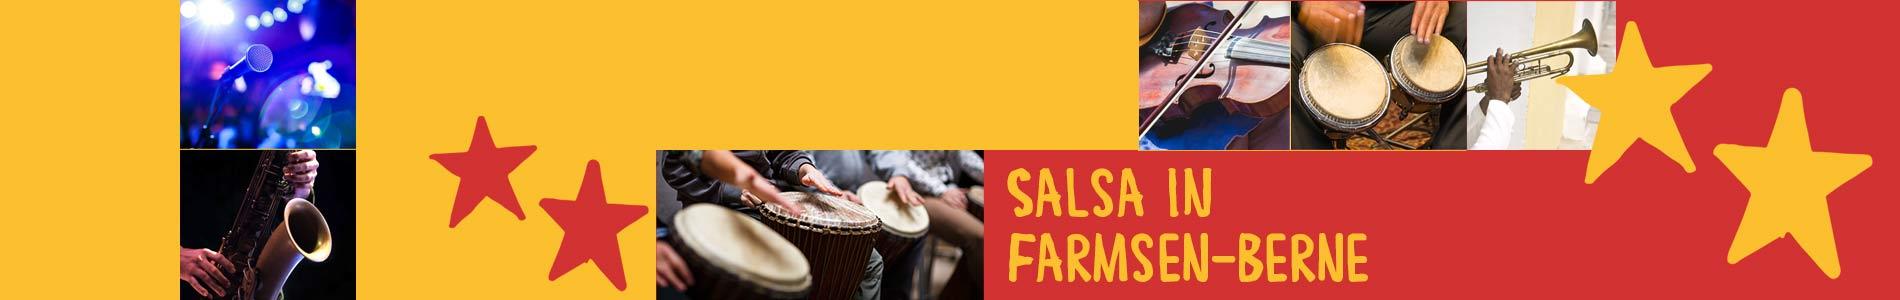 Salsa in Farmsen-Berne – Salsa lernen und tanzen, Tanzkurse, Partys, Veranstaltungen